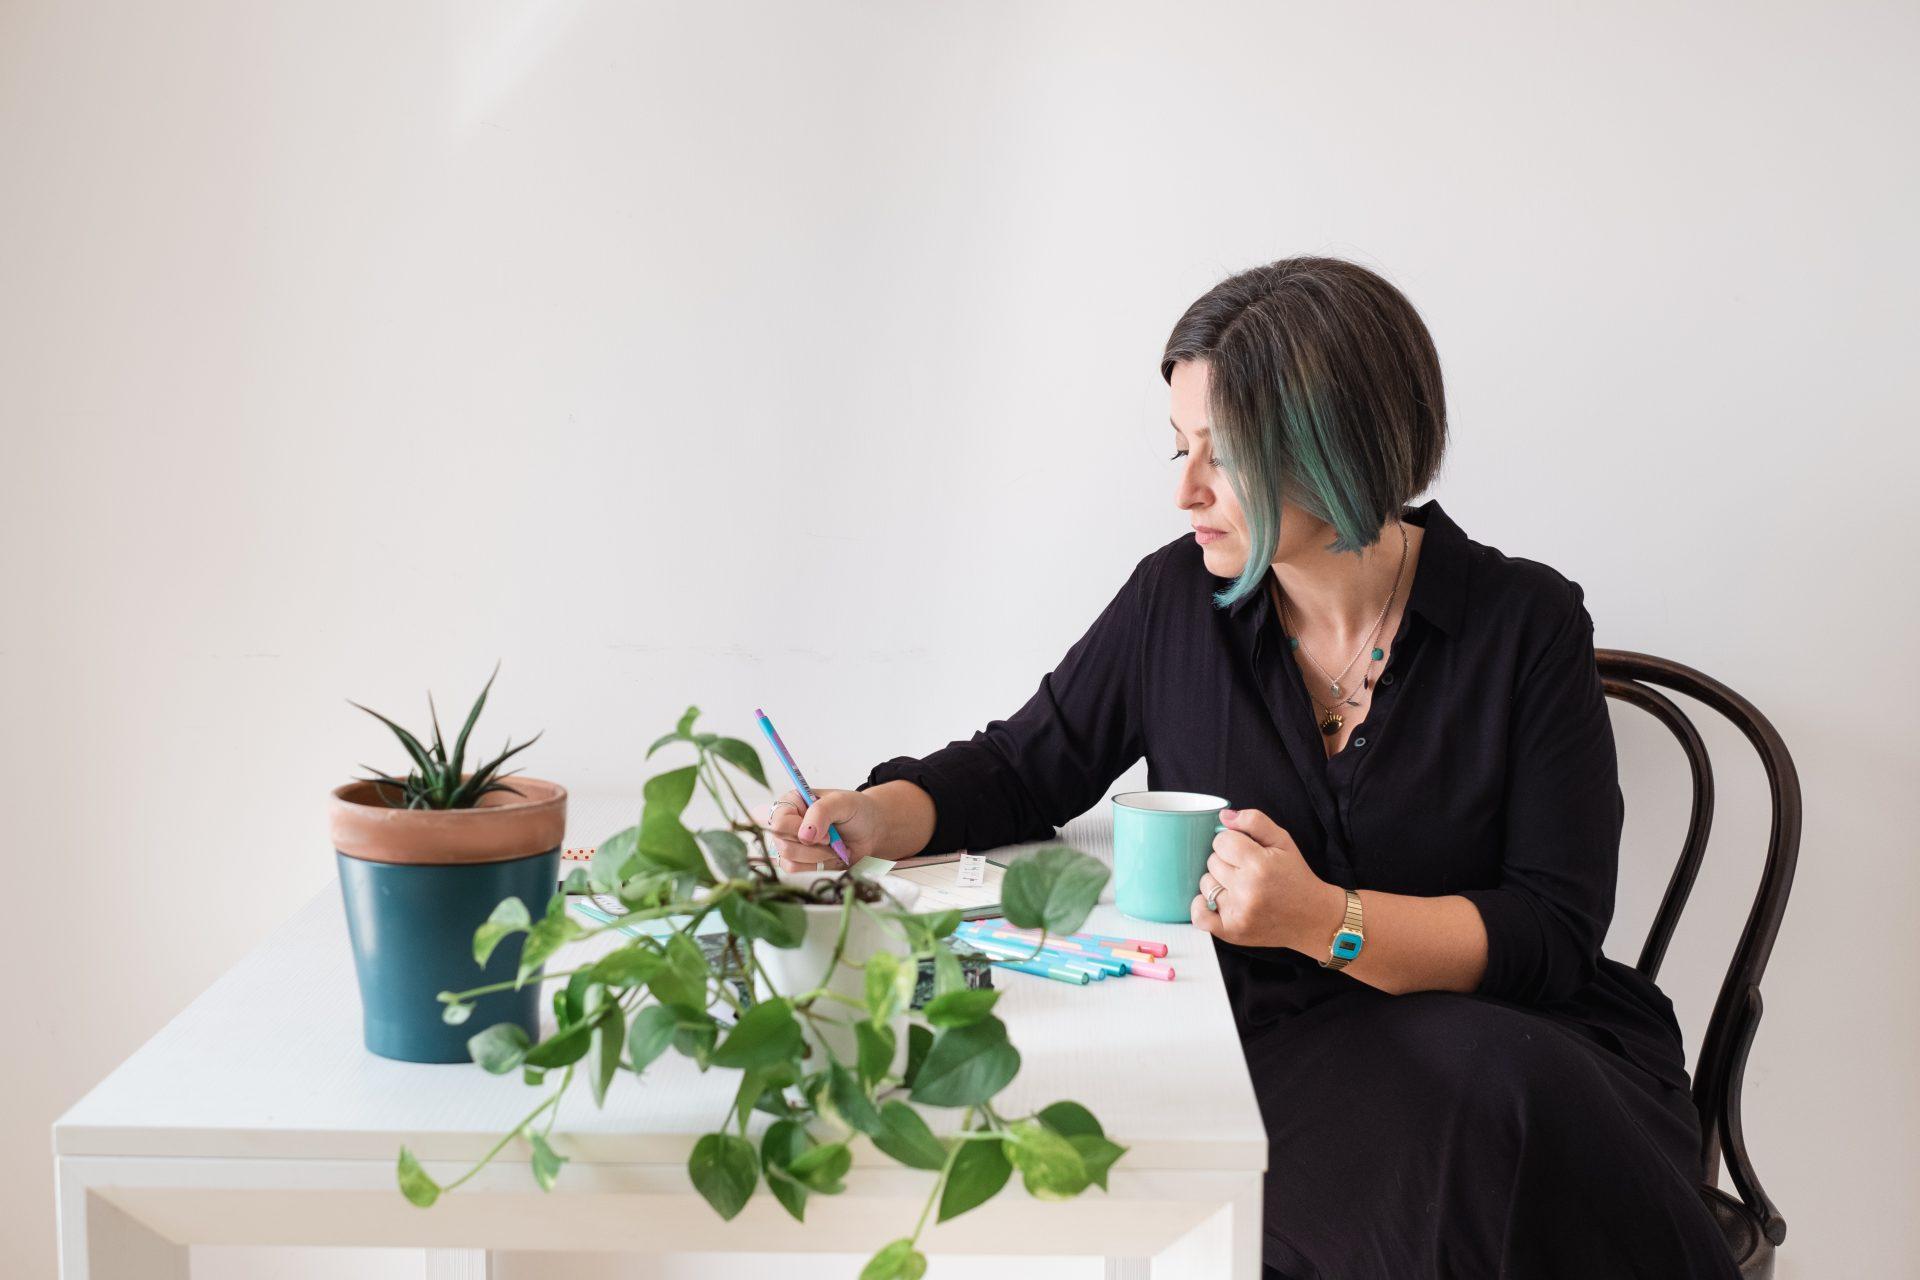 Maria Elena è seduta alla scrivania con una tazza di caffè in mano e si prepara a una consulenza